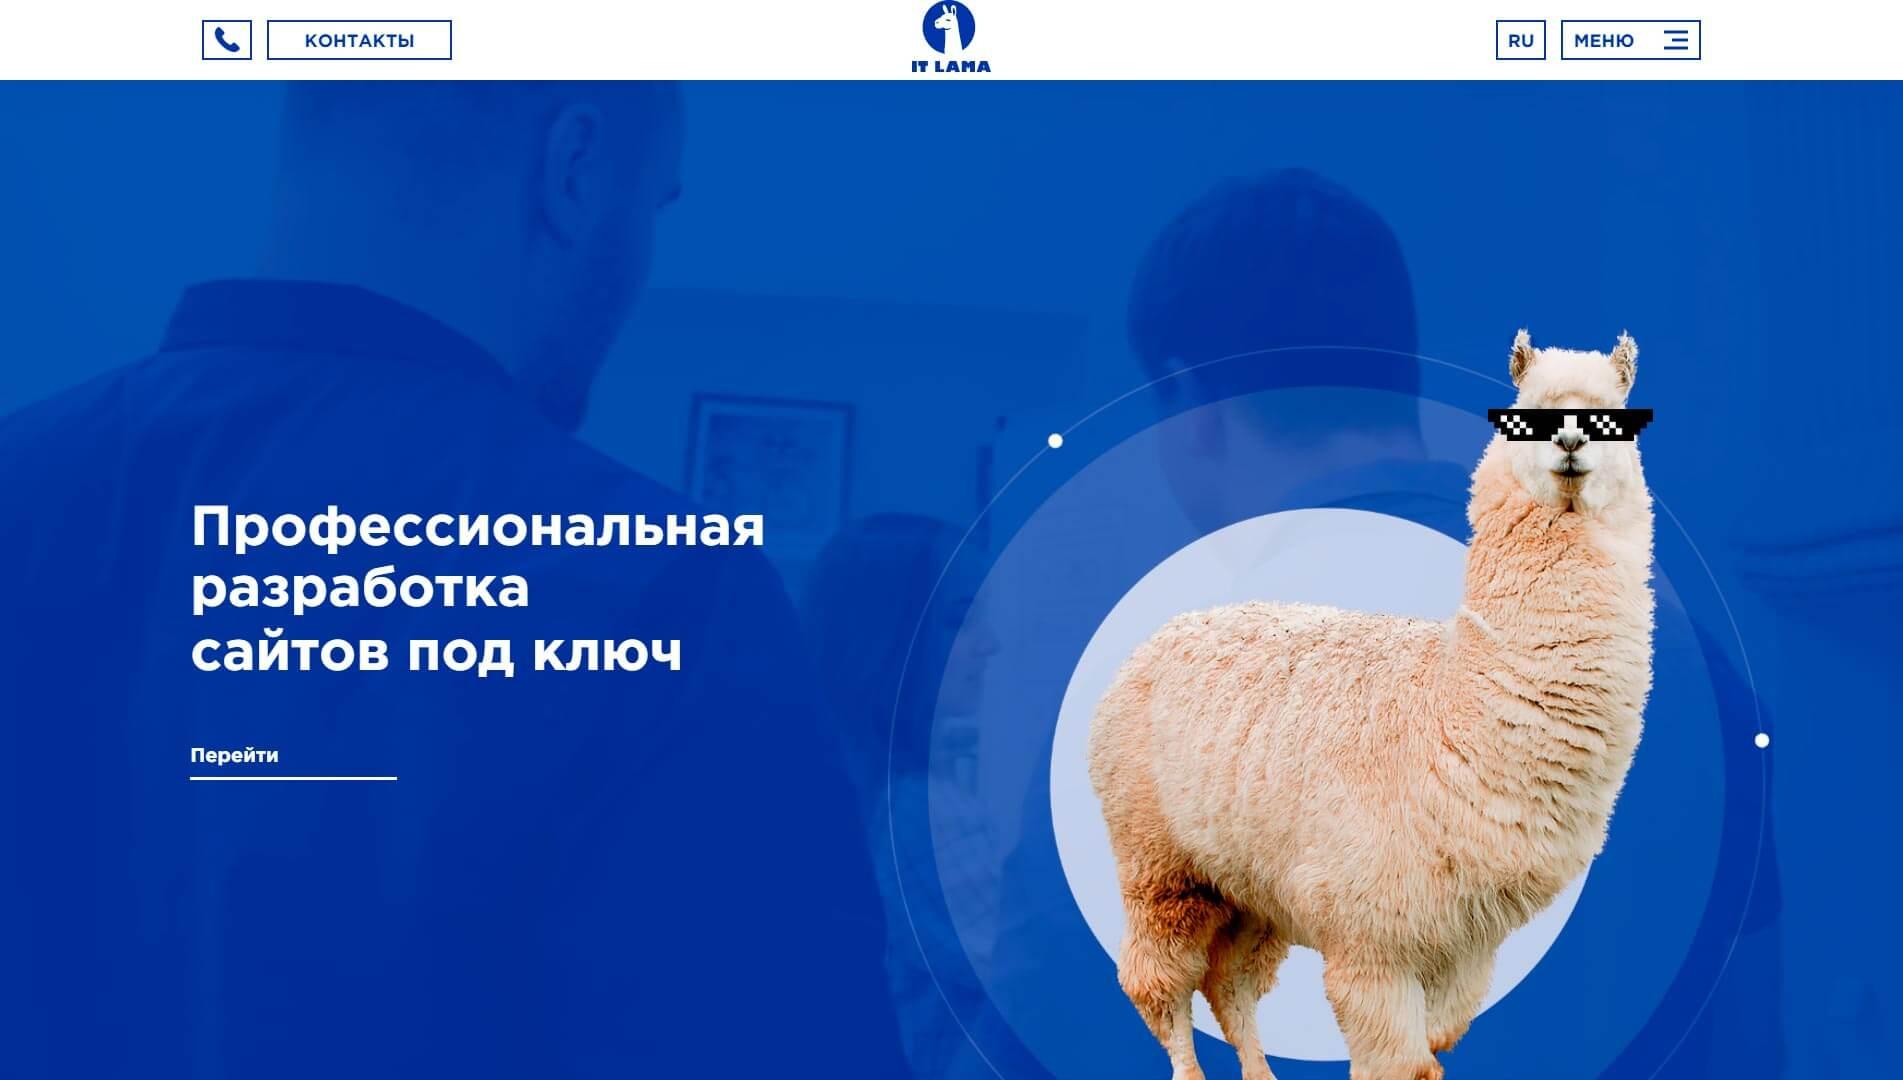 IT LAMA - обзор компании, услуги, отзывы, клиенты | Google SEO, Фото № 1 - google-seo.pro